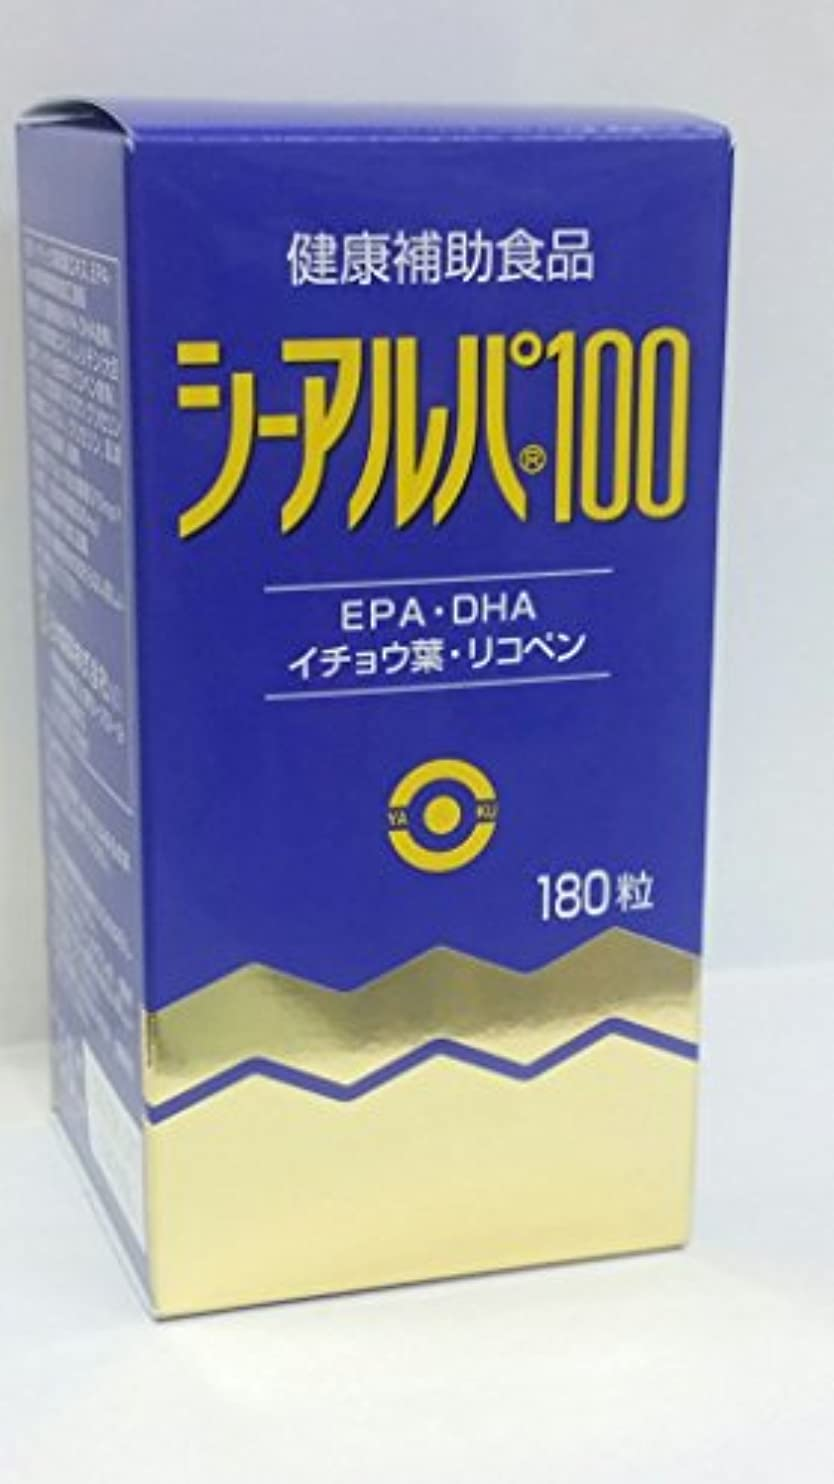 終了しました注目すべきふさわしい「シーアルパ100」180粒6個パックで25%割りひき(健康増進食品)